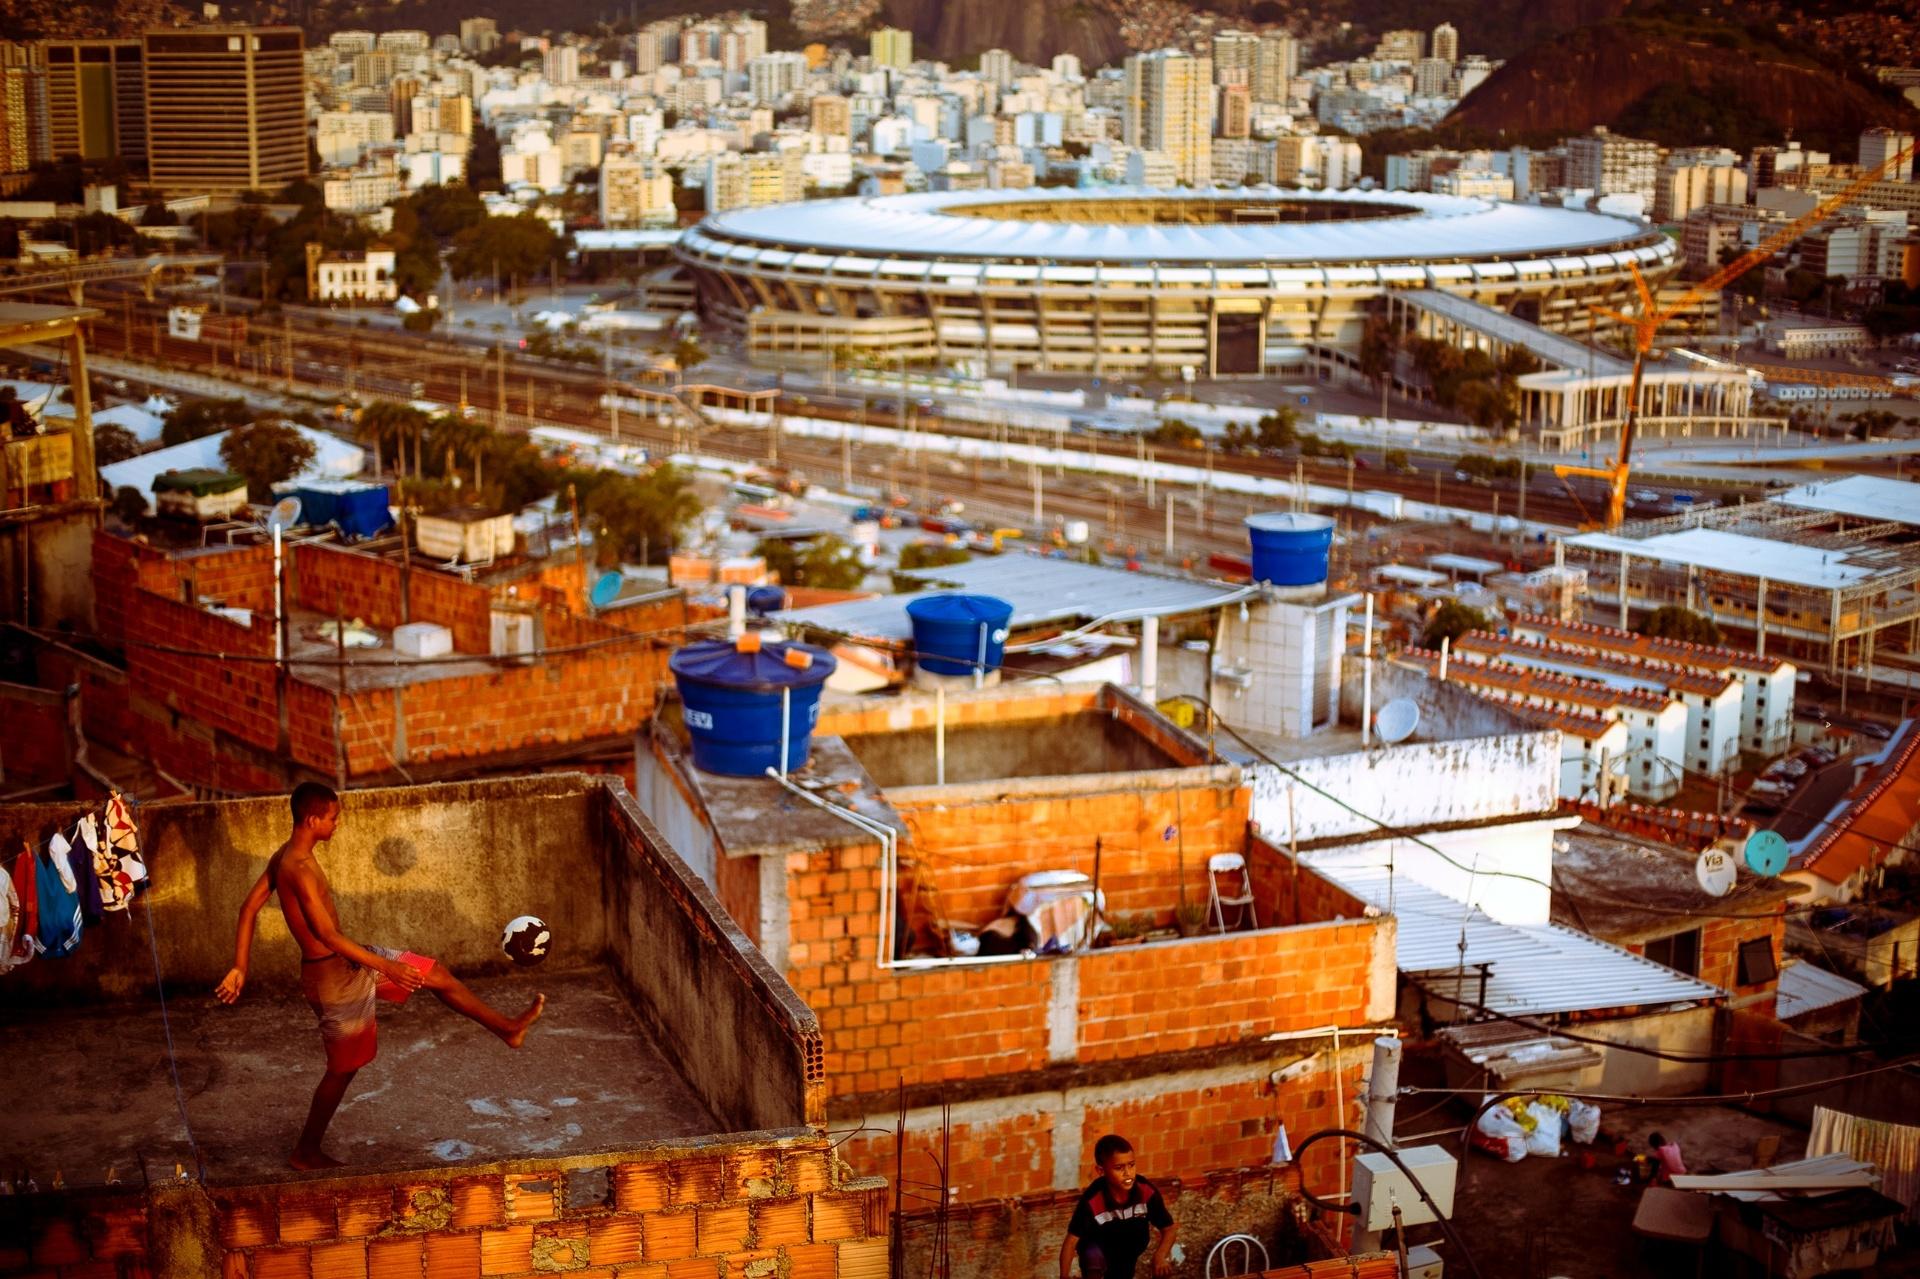 22.mai.2014 - Meninos brincam com uma bola em laje de barraco na favela da Mangueira, no Rio de Janeiro. A cidade carioca e uma das sedes da Copa do Mundo do futebol no Brasil e recebera a final da competicao no estadio jornalista Mario Filho, o Maracana